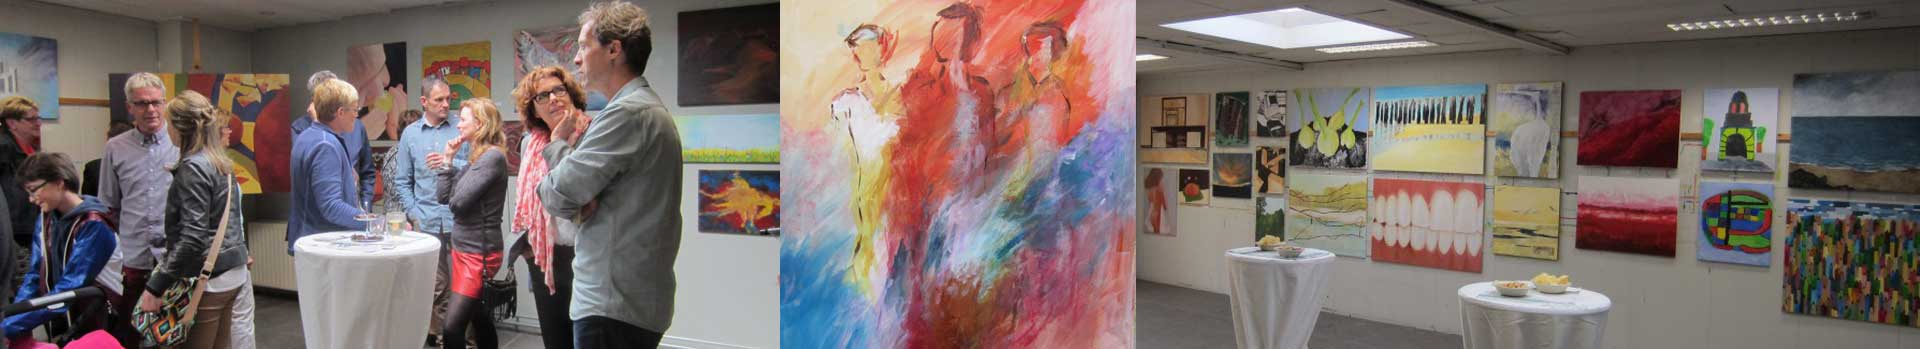 banner tekenen en schilderen